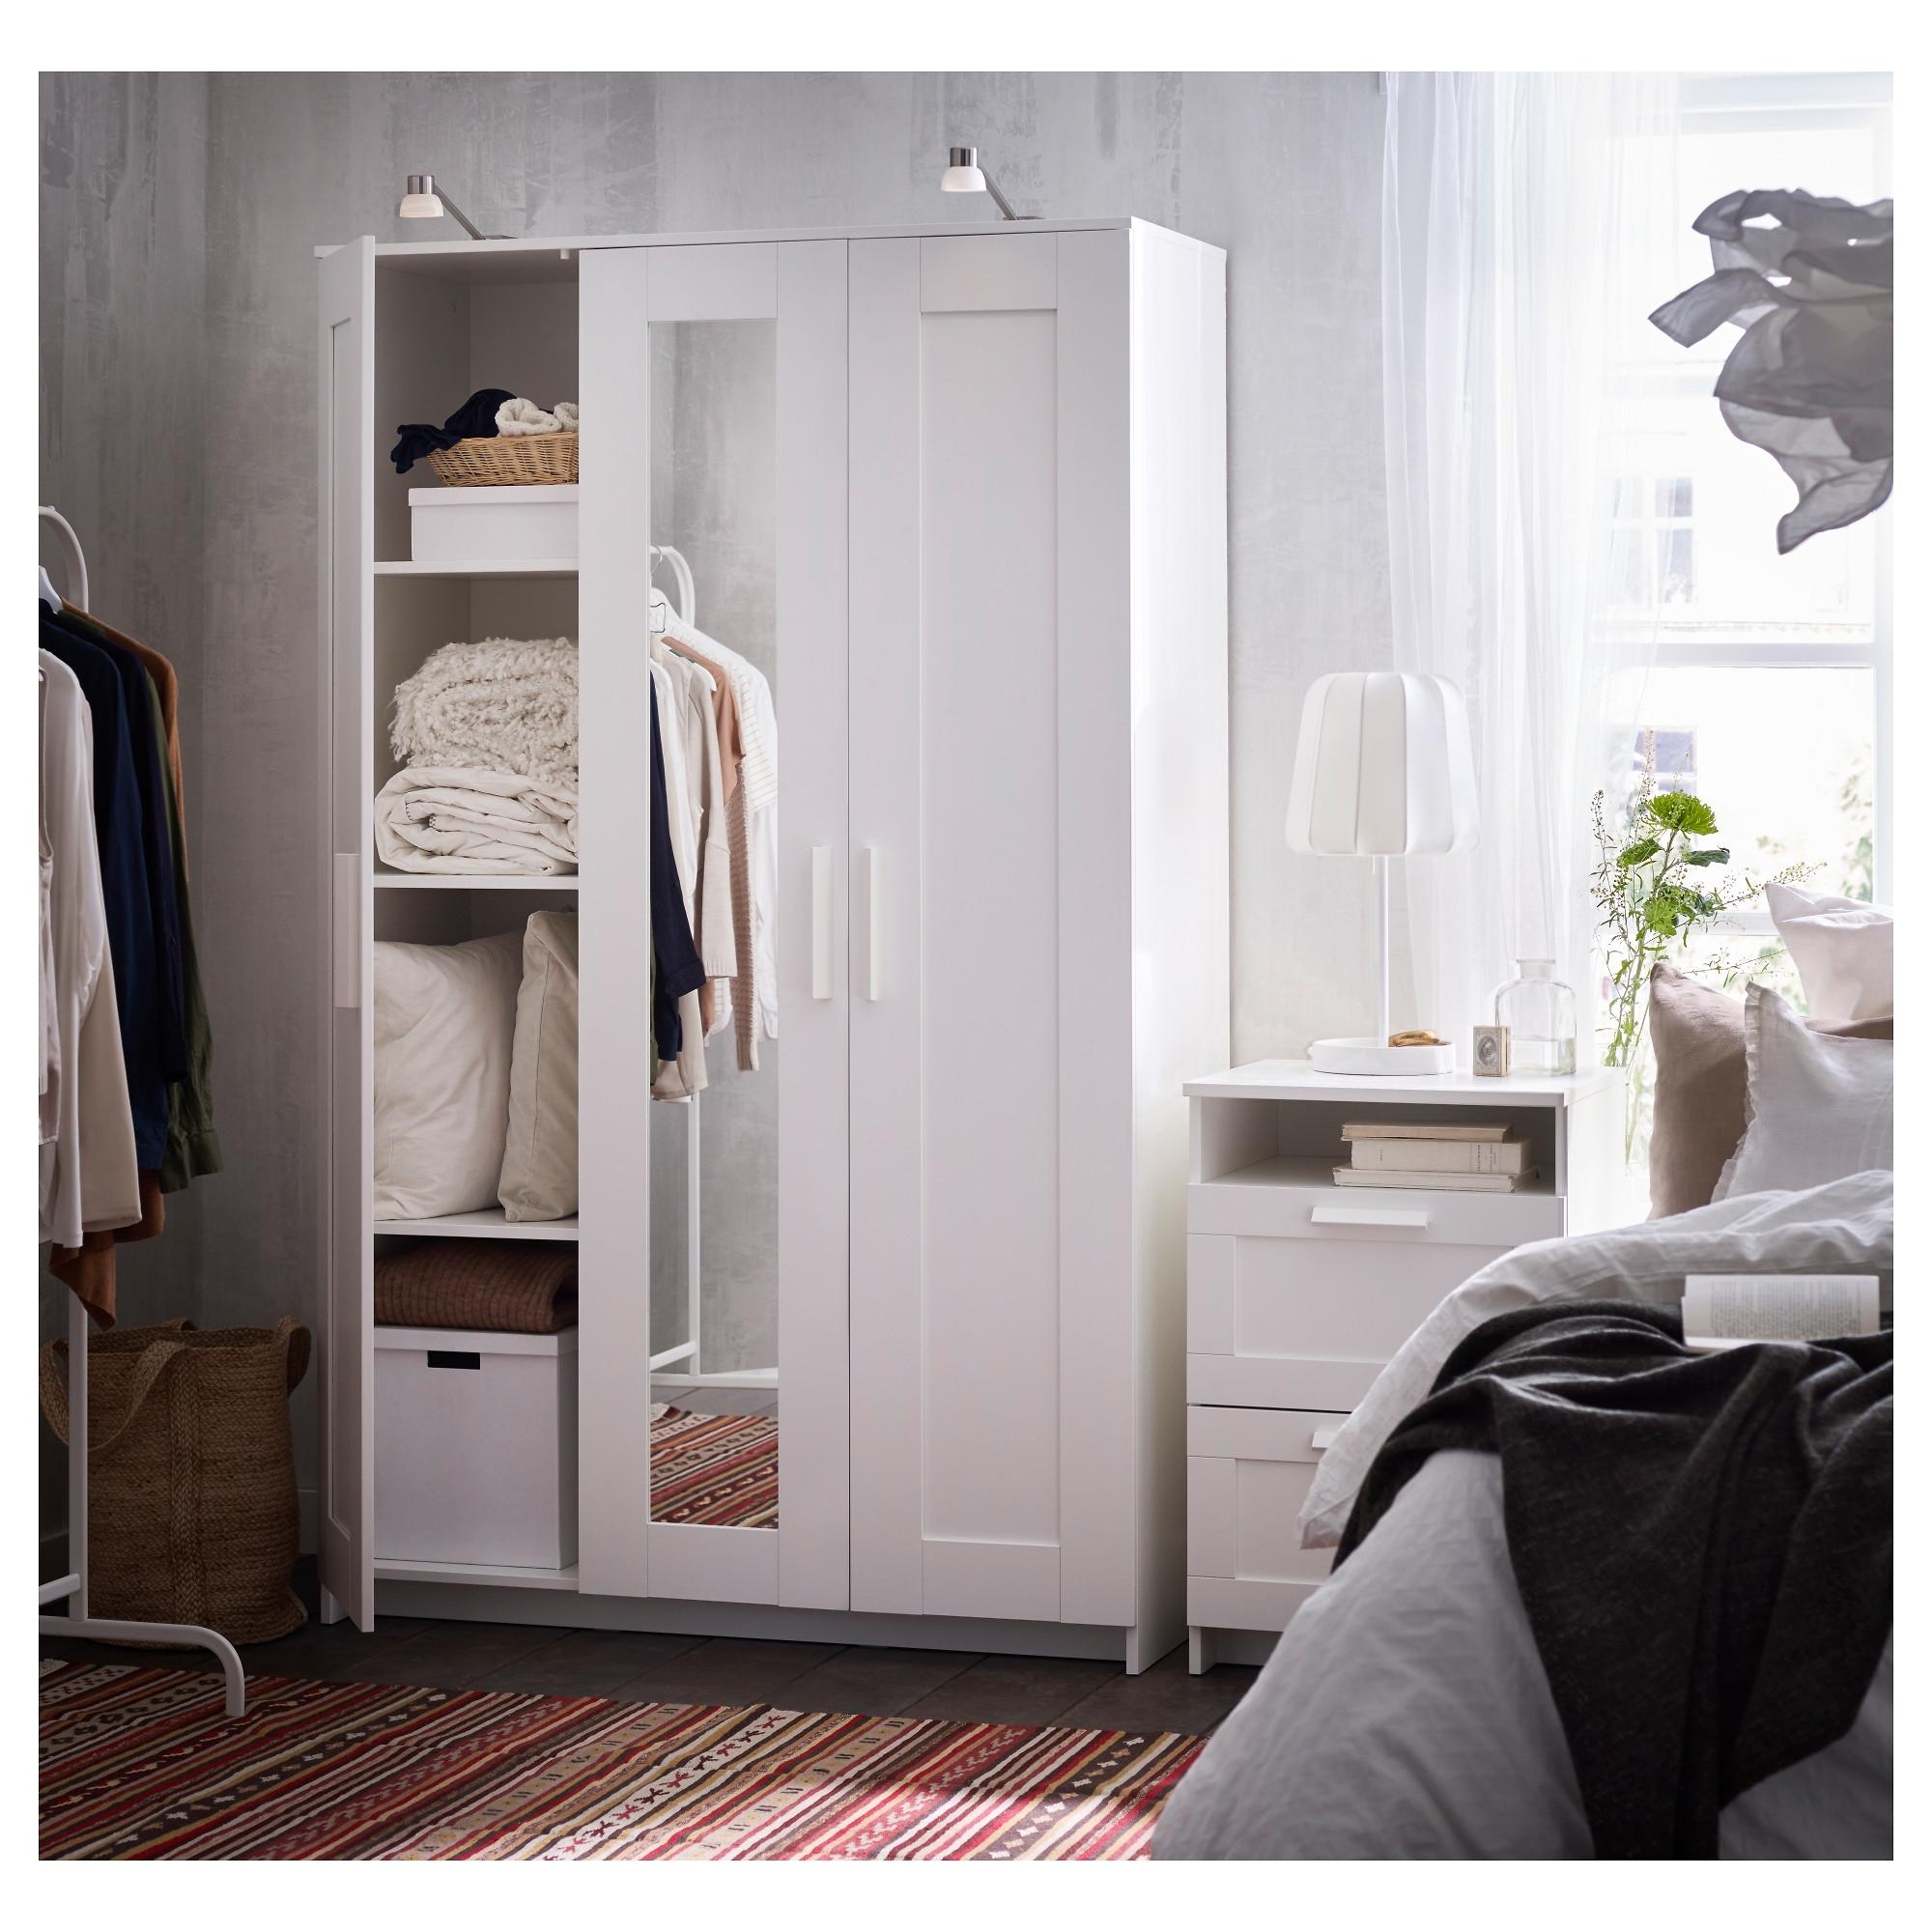 Doors, Bedrooms (View 14 of 15)